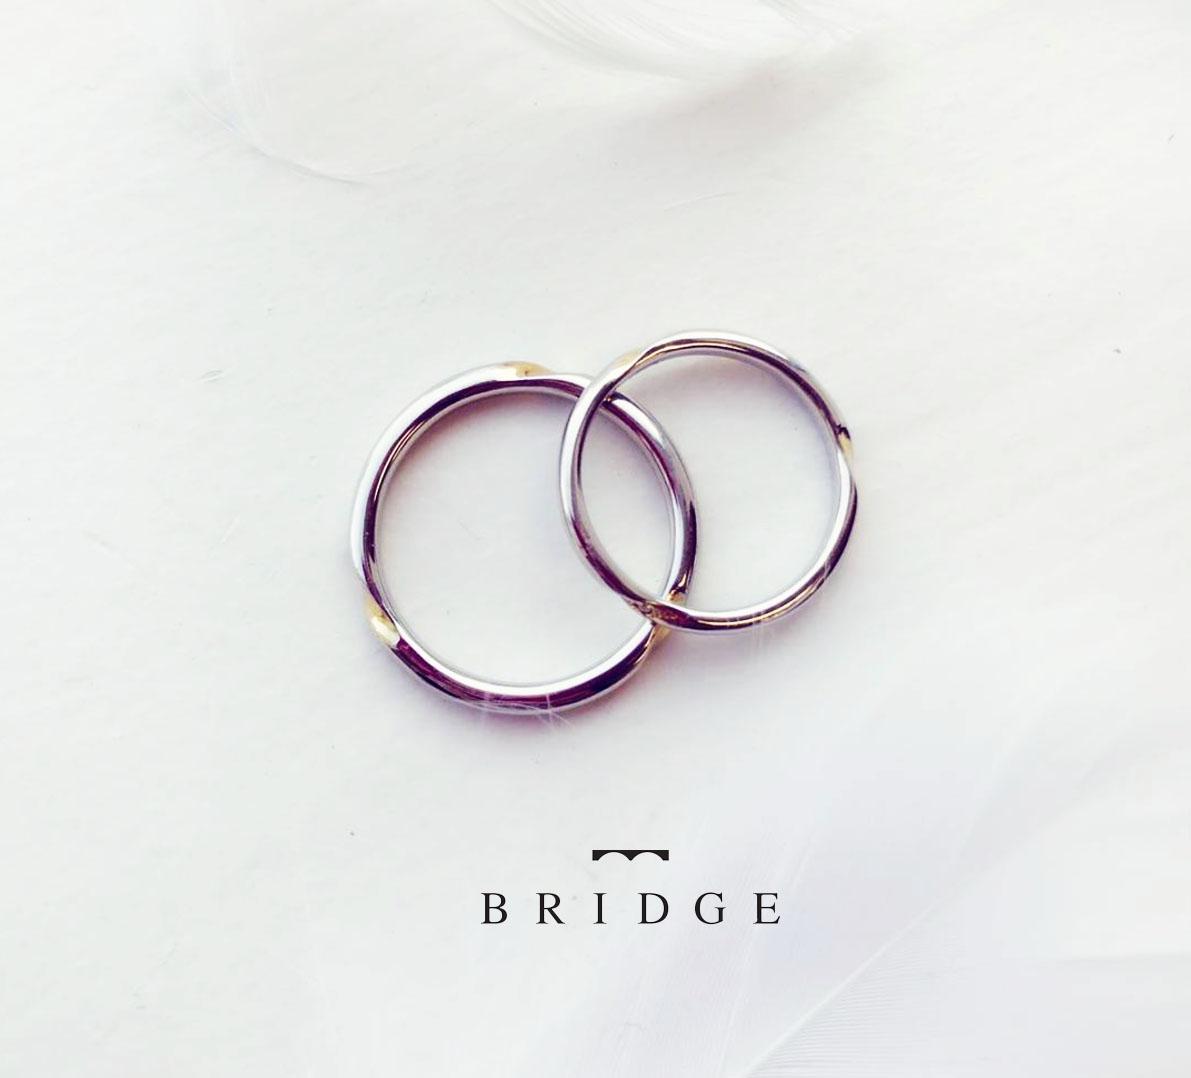 プラチナとゴールドのコンビがカッコイイ結婚指輪